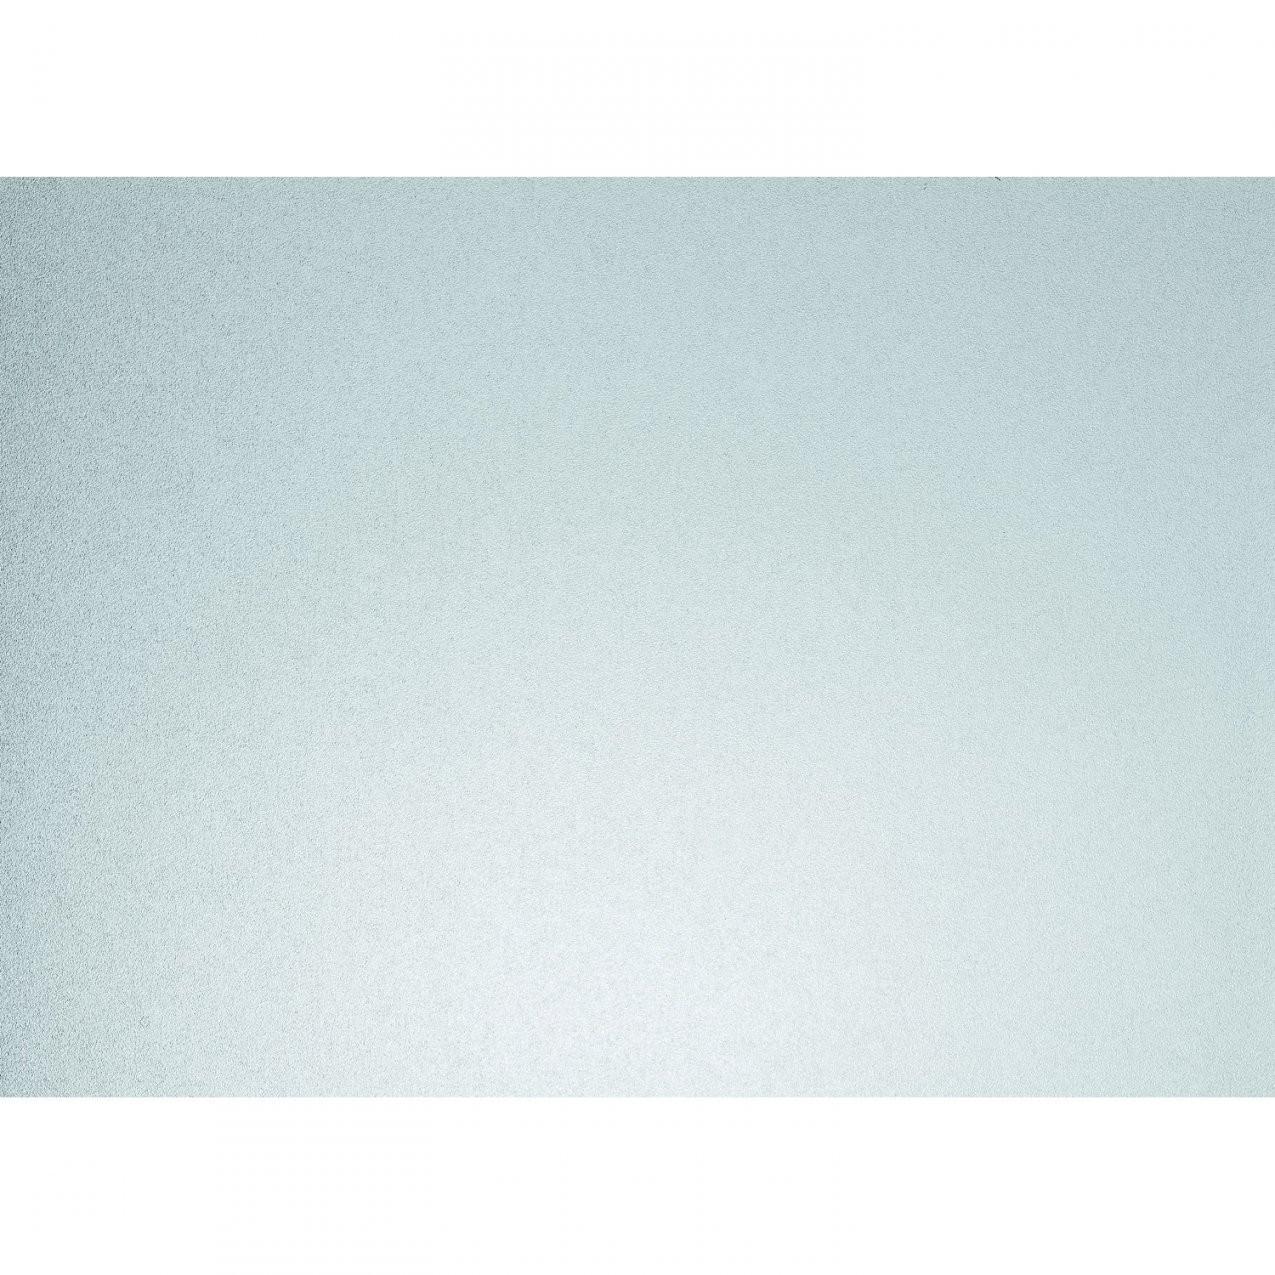 Dcfix Staticfolie Premium Milky 90 Cm X 15 M Kaufen Bei Obi von Fensterfolie Sichtschutz Obi Bild